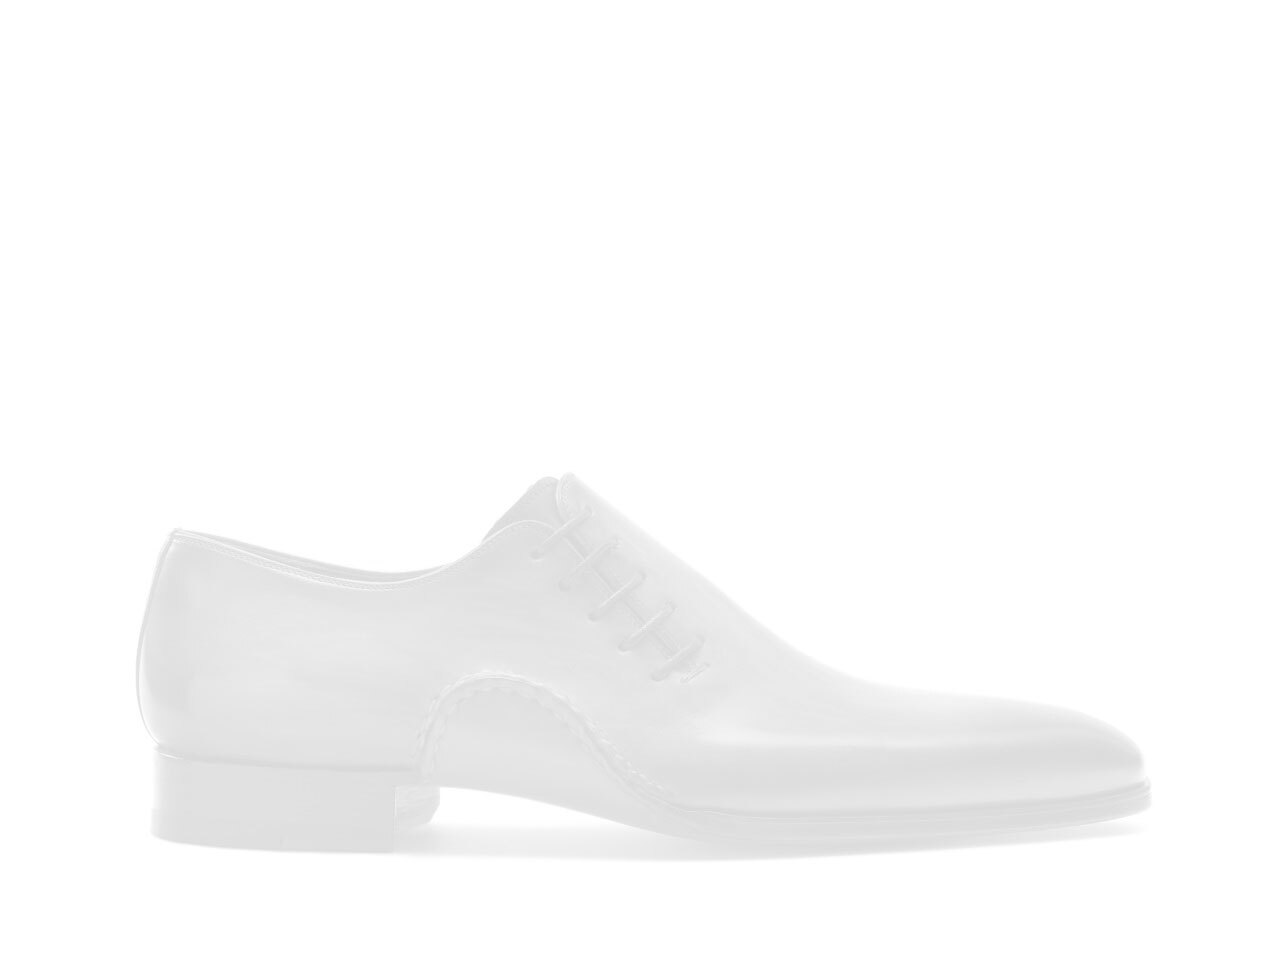 Pair of the Magnanni Nico Cuero Men's Sneakers